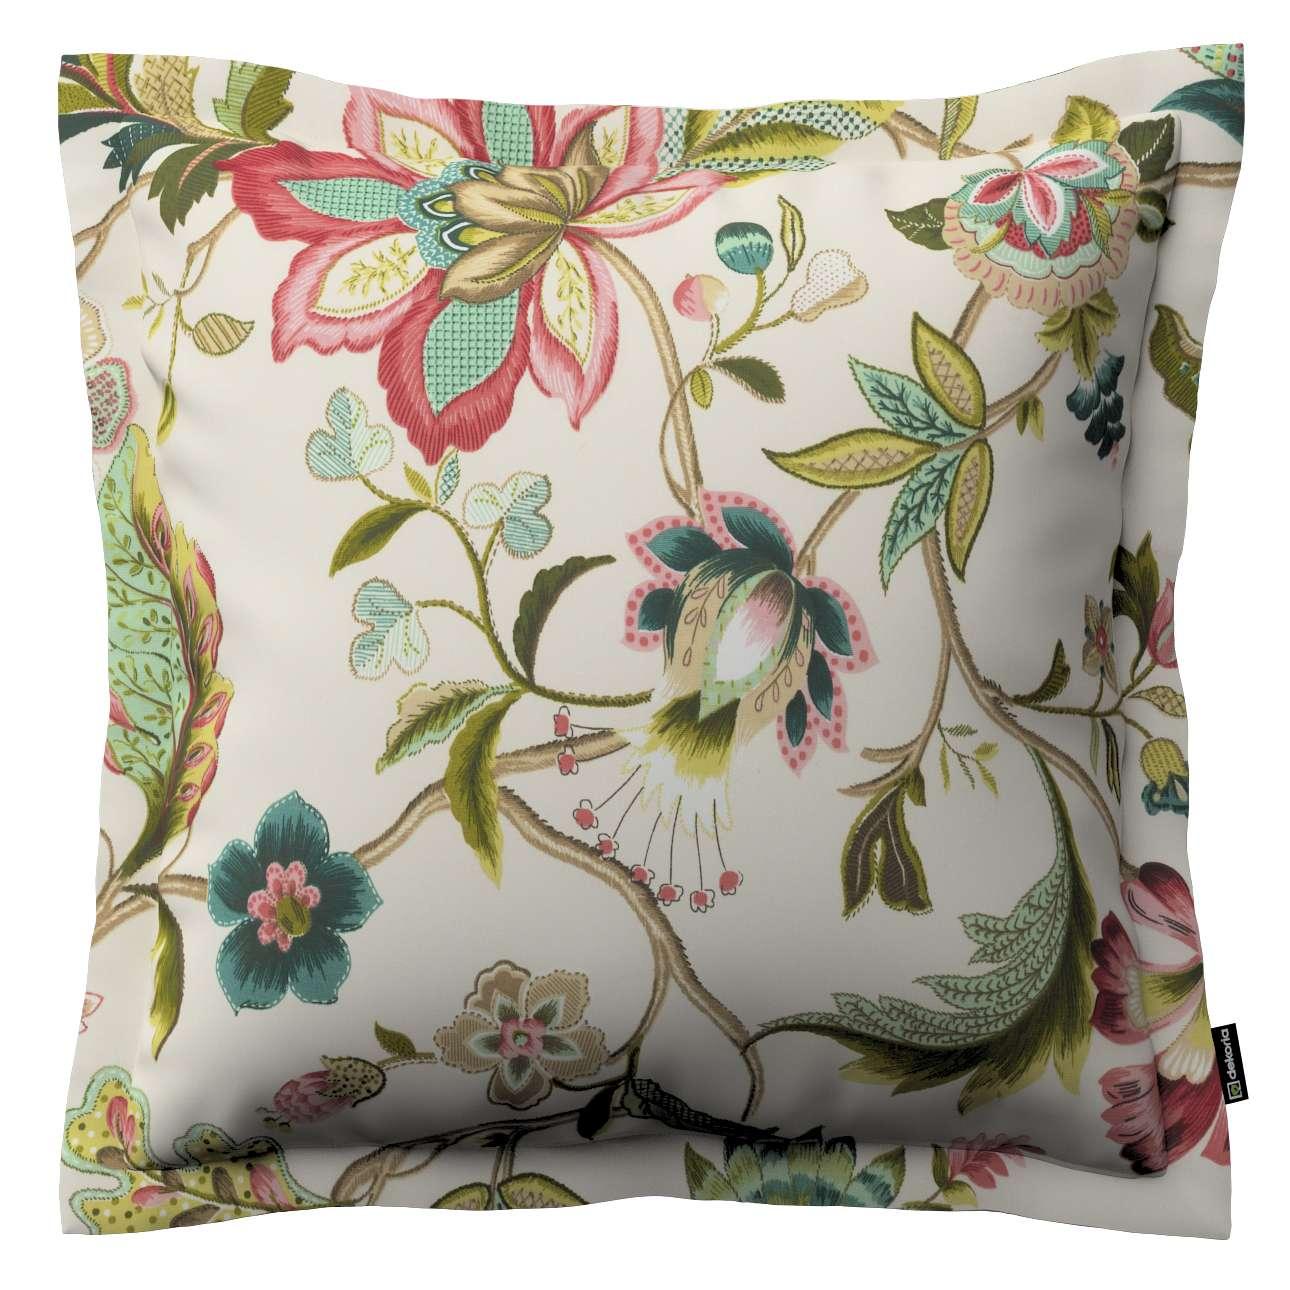 Poszewka Mona na poduszkę 38x38 cm w kolekcji Londres, tkanina: 122-00